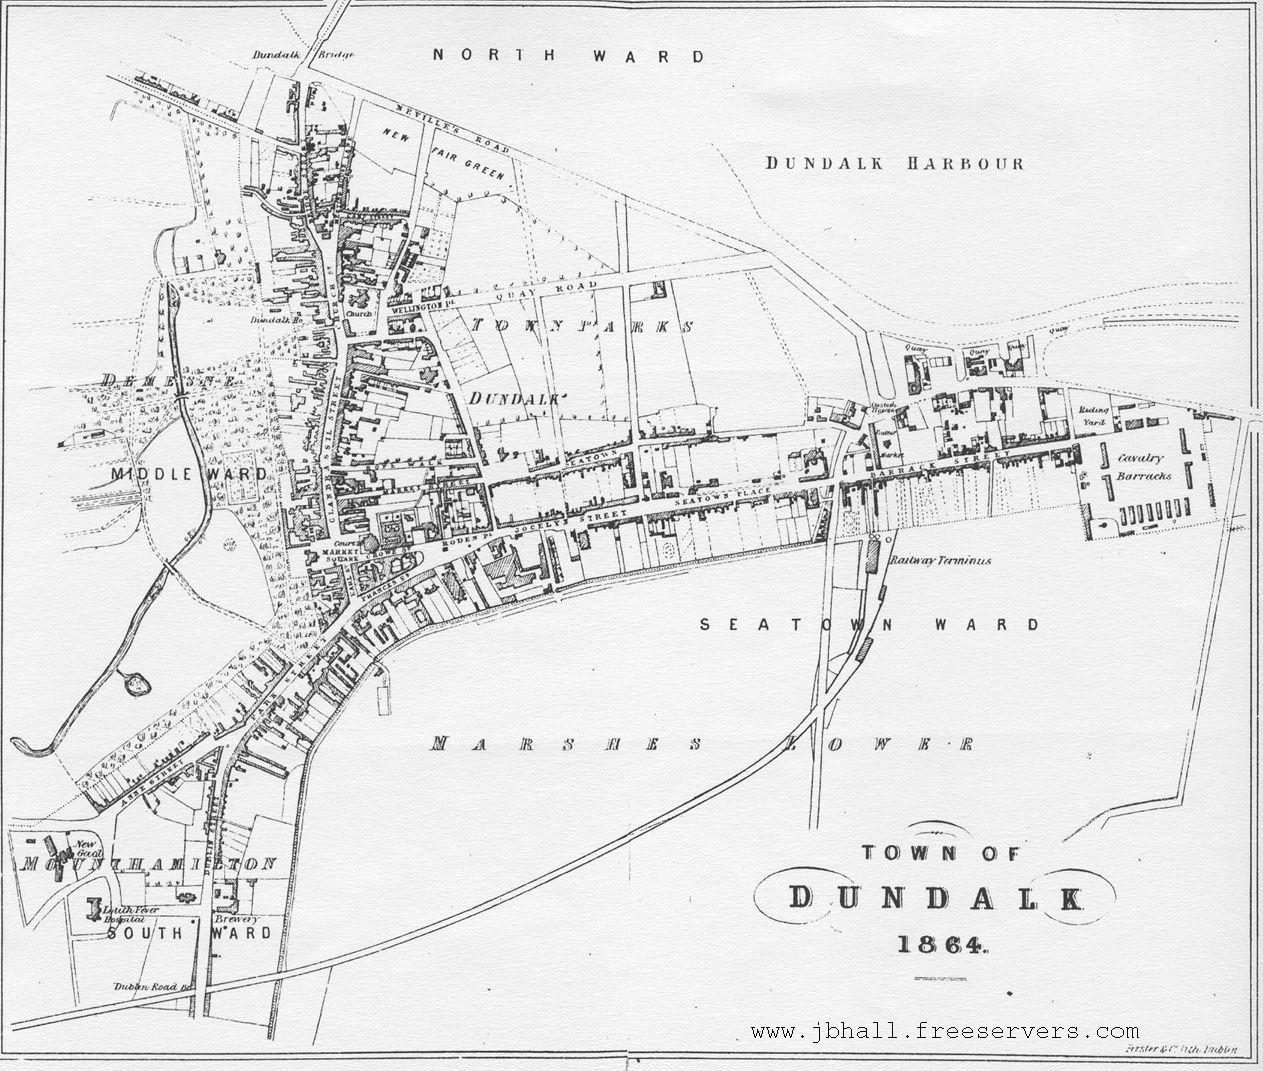 Dundalk Map Of Ireland.1864 Map Of Dundalk Ireland Pinterest Map Ireland Travel And